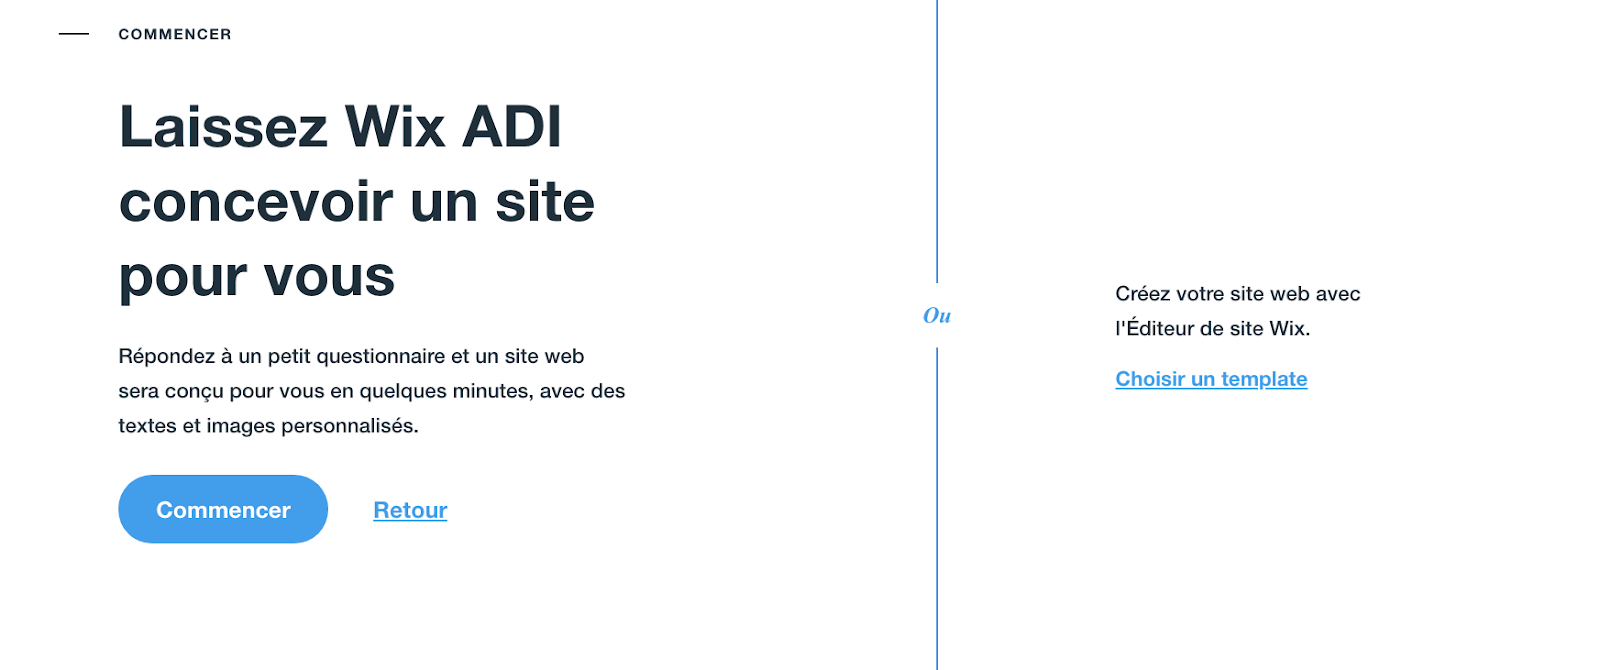 WIX ADI pour concevoir un site Wix